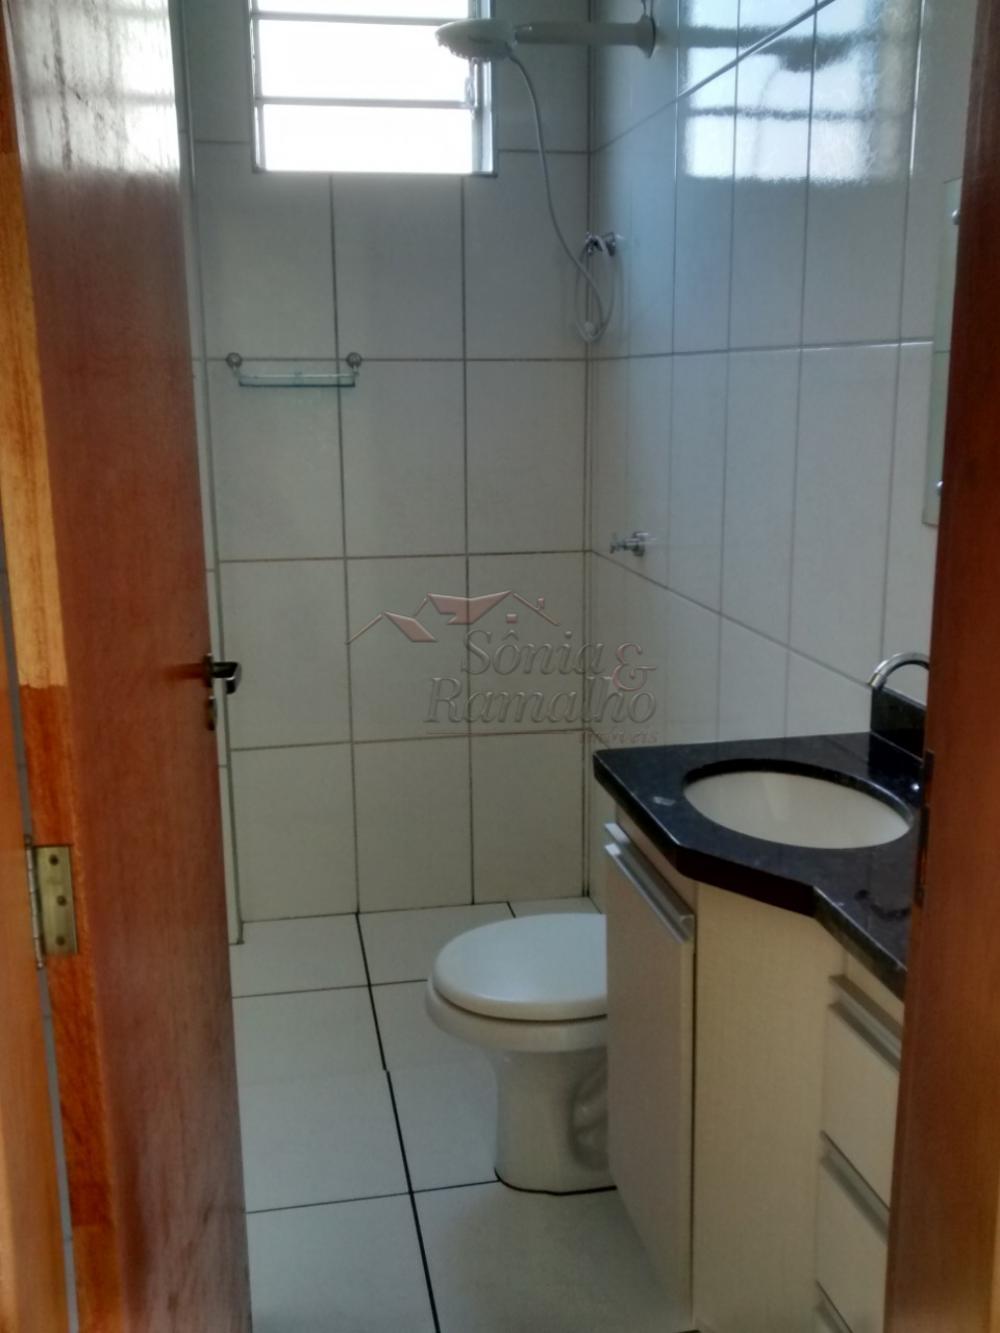 Comprar Apartamentos / Padrão em Ribeirão Preto apenas R$ 230.000,00 - Foto 3